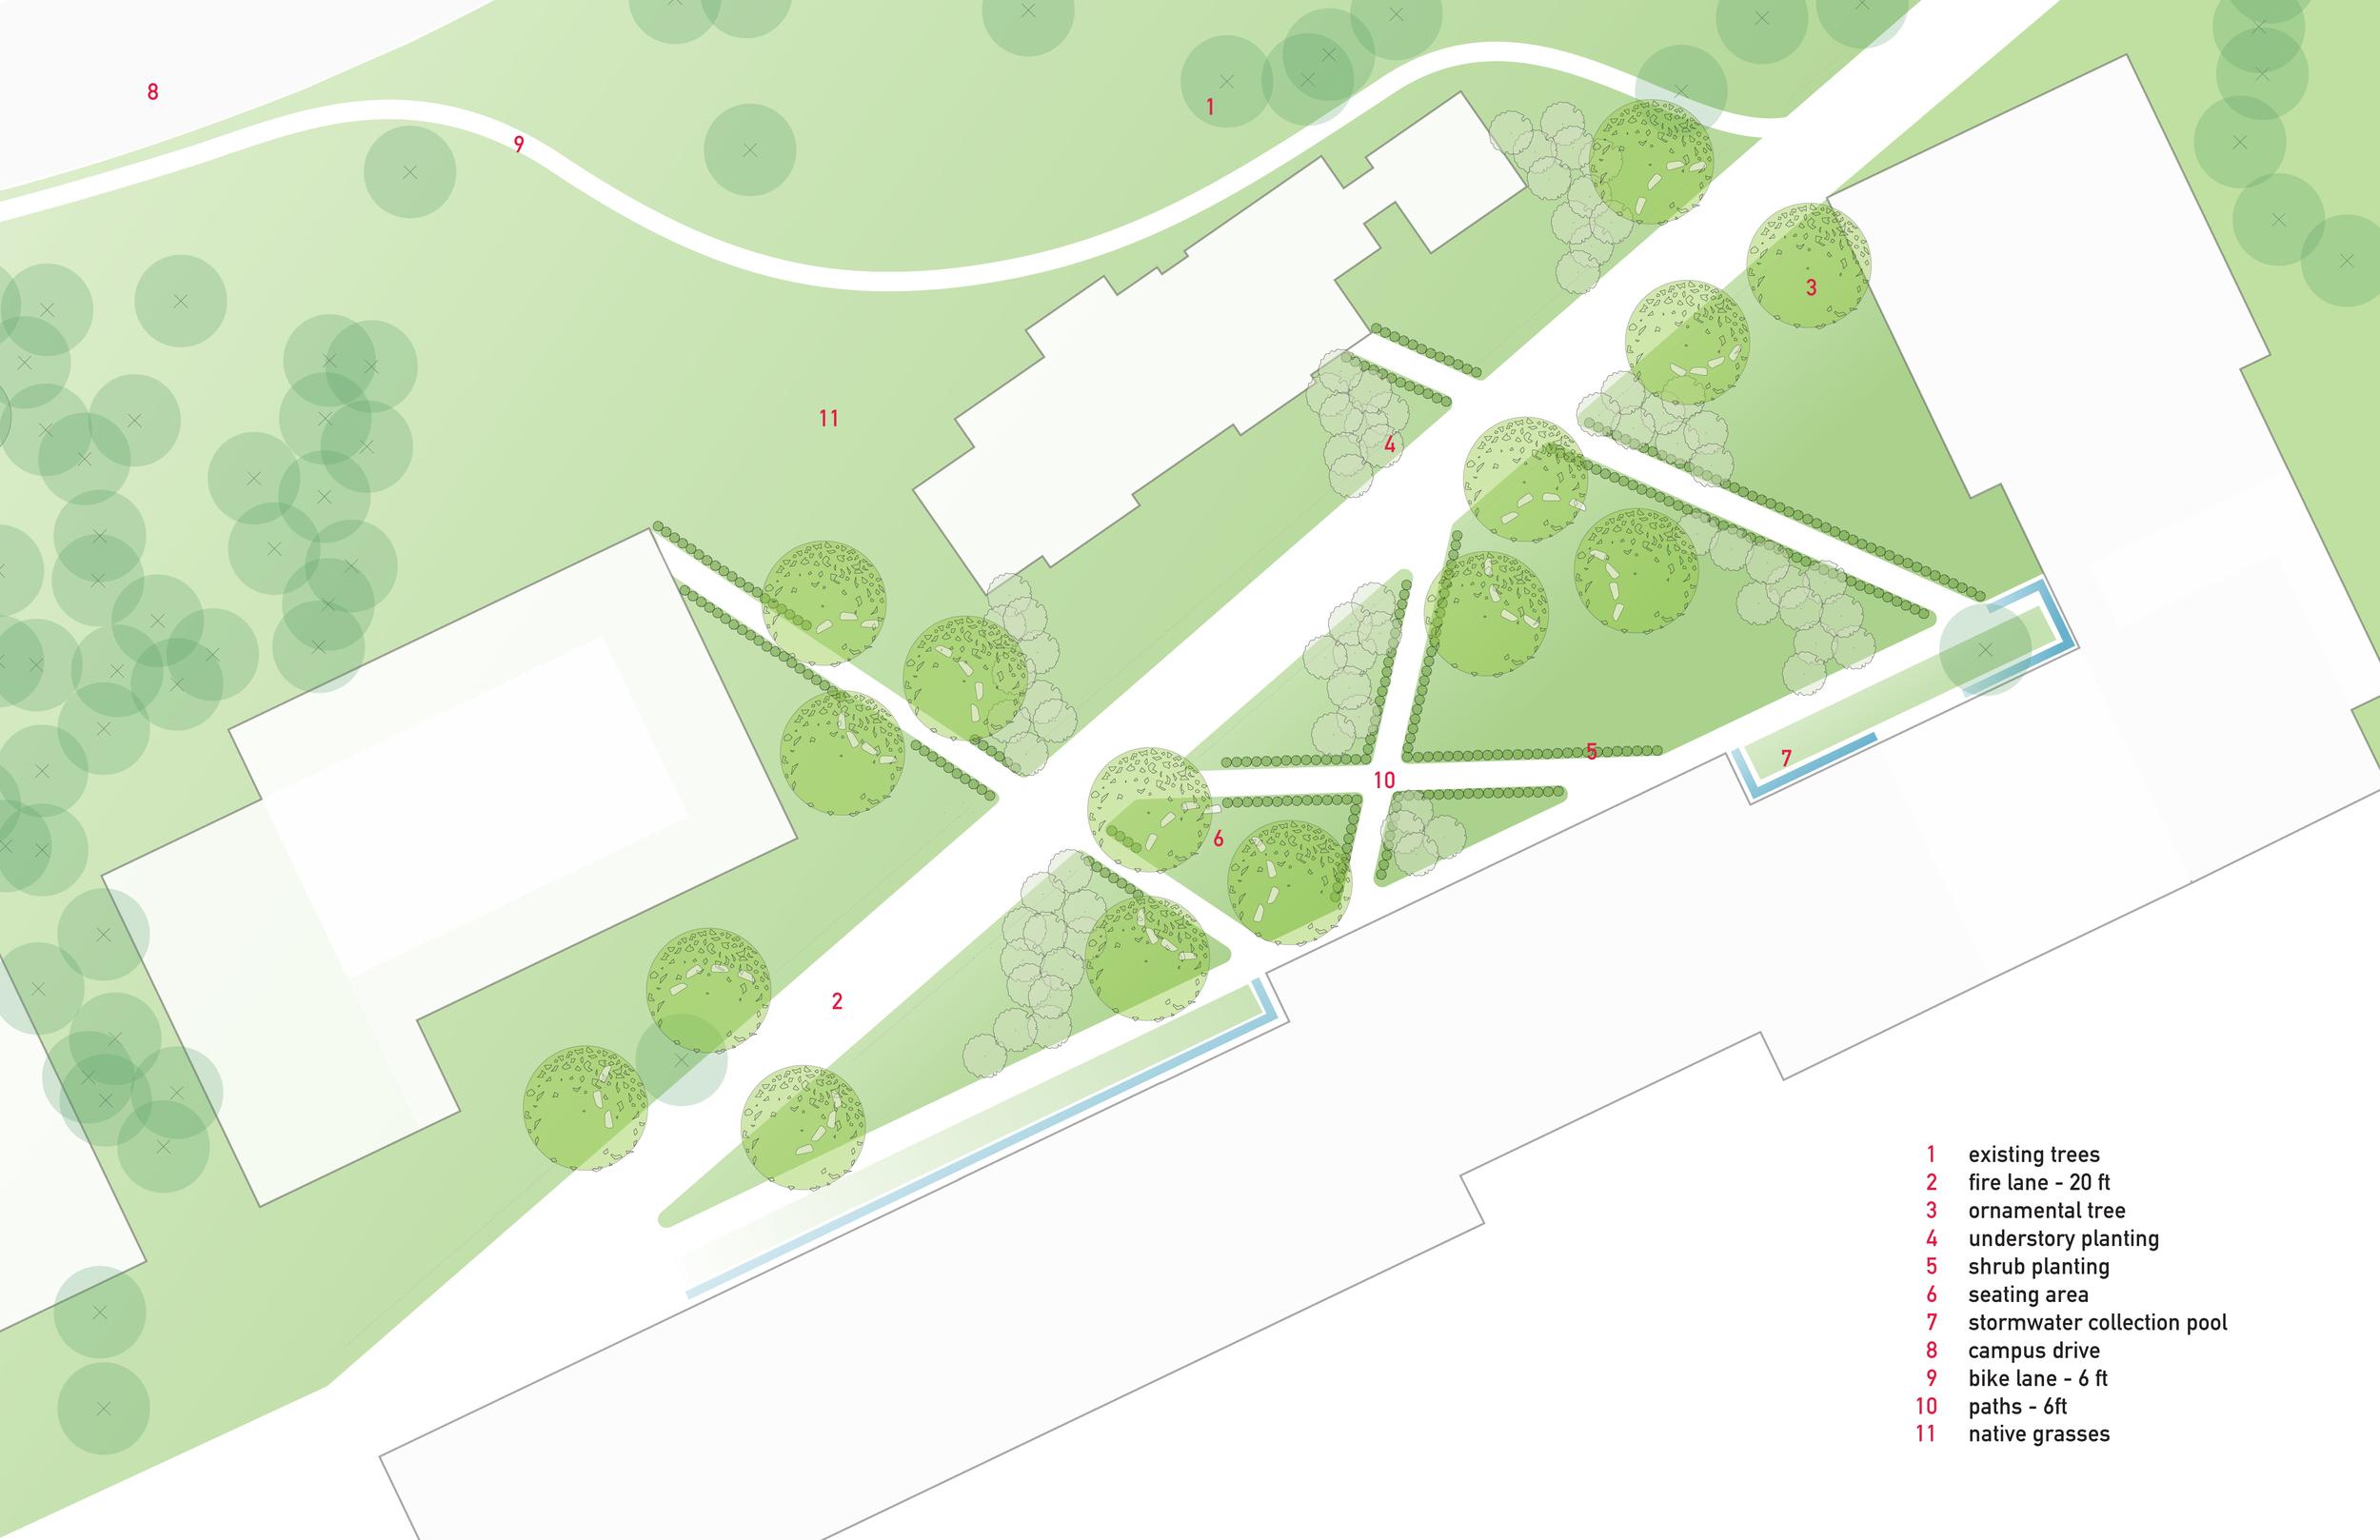 BA_dukemasterplan_plan courtyard south.jpg